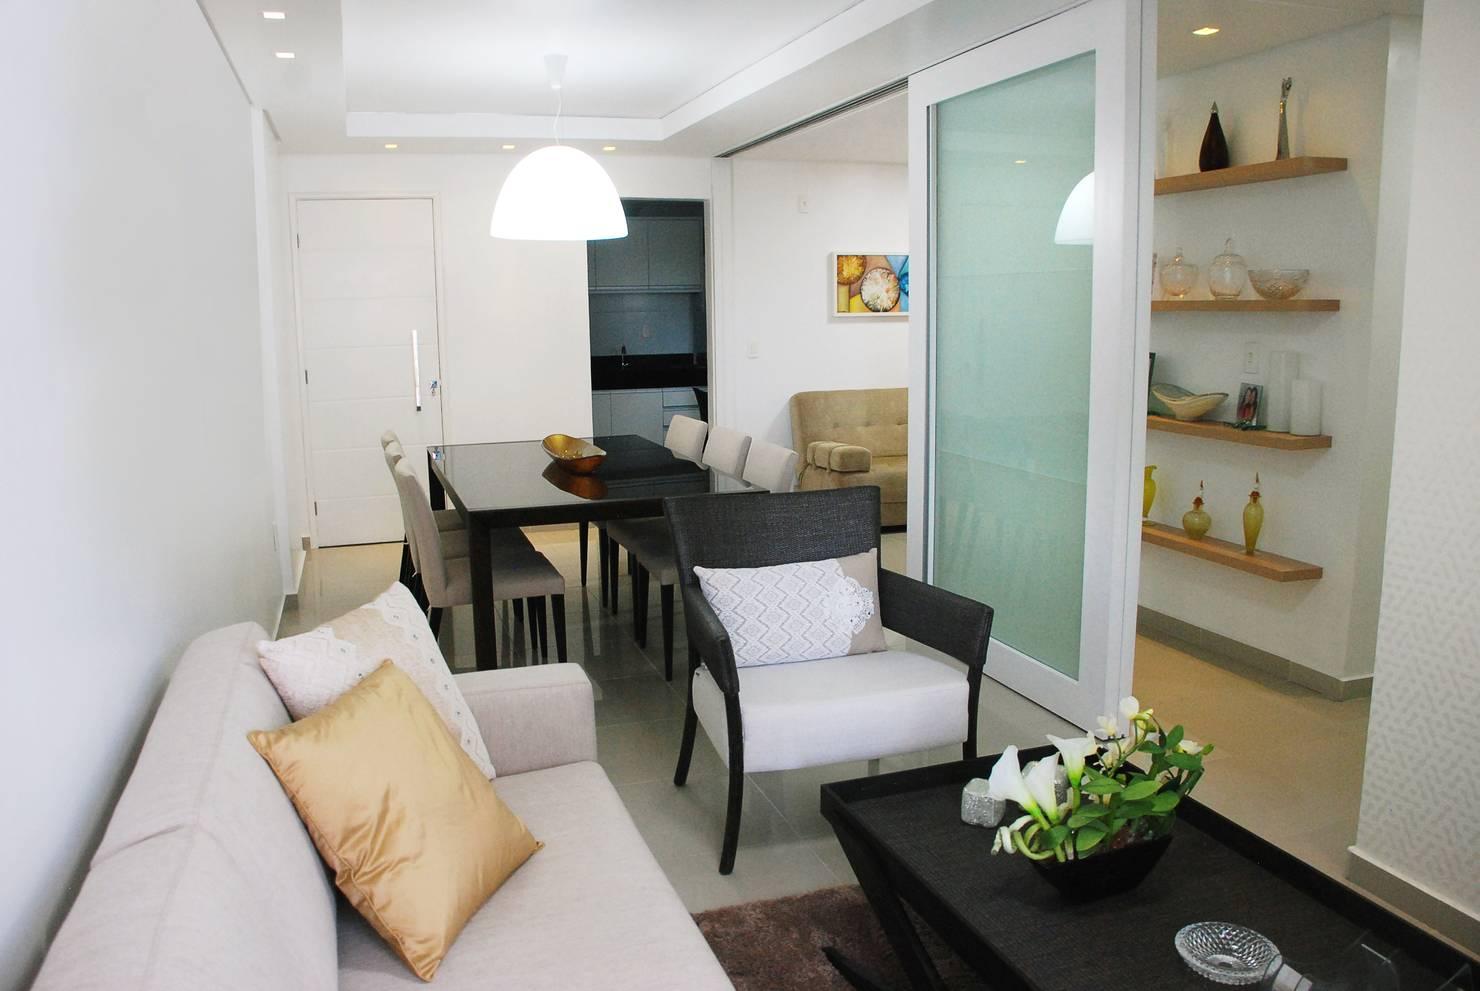 Apartamento Moderno Em João Pessoa Traz Ótimas Ideias Para Aproveitar O Espaço